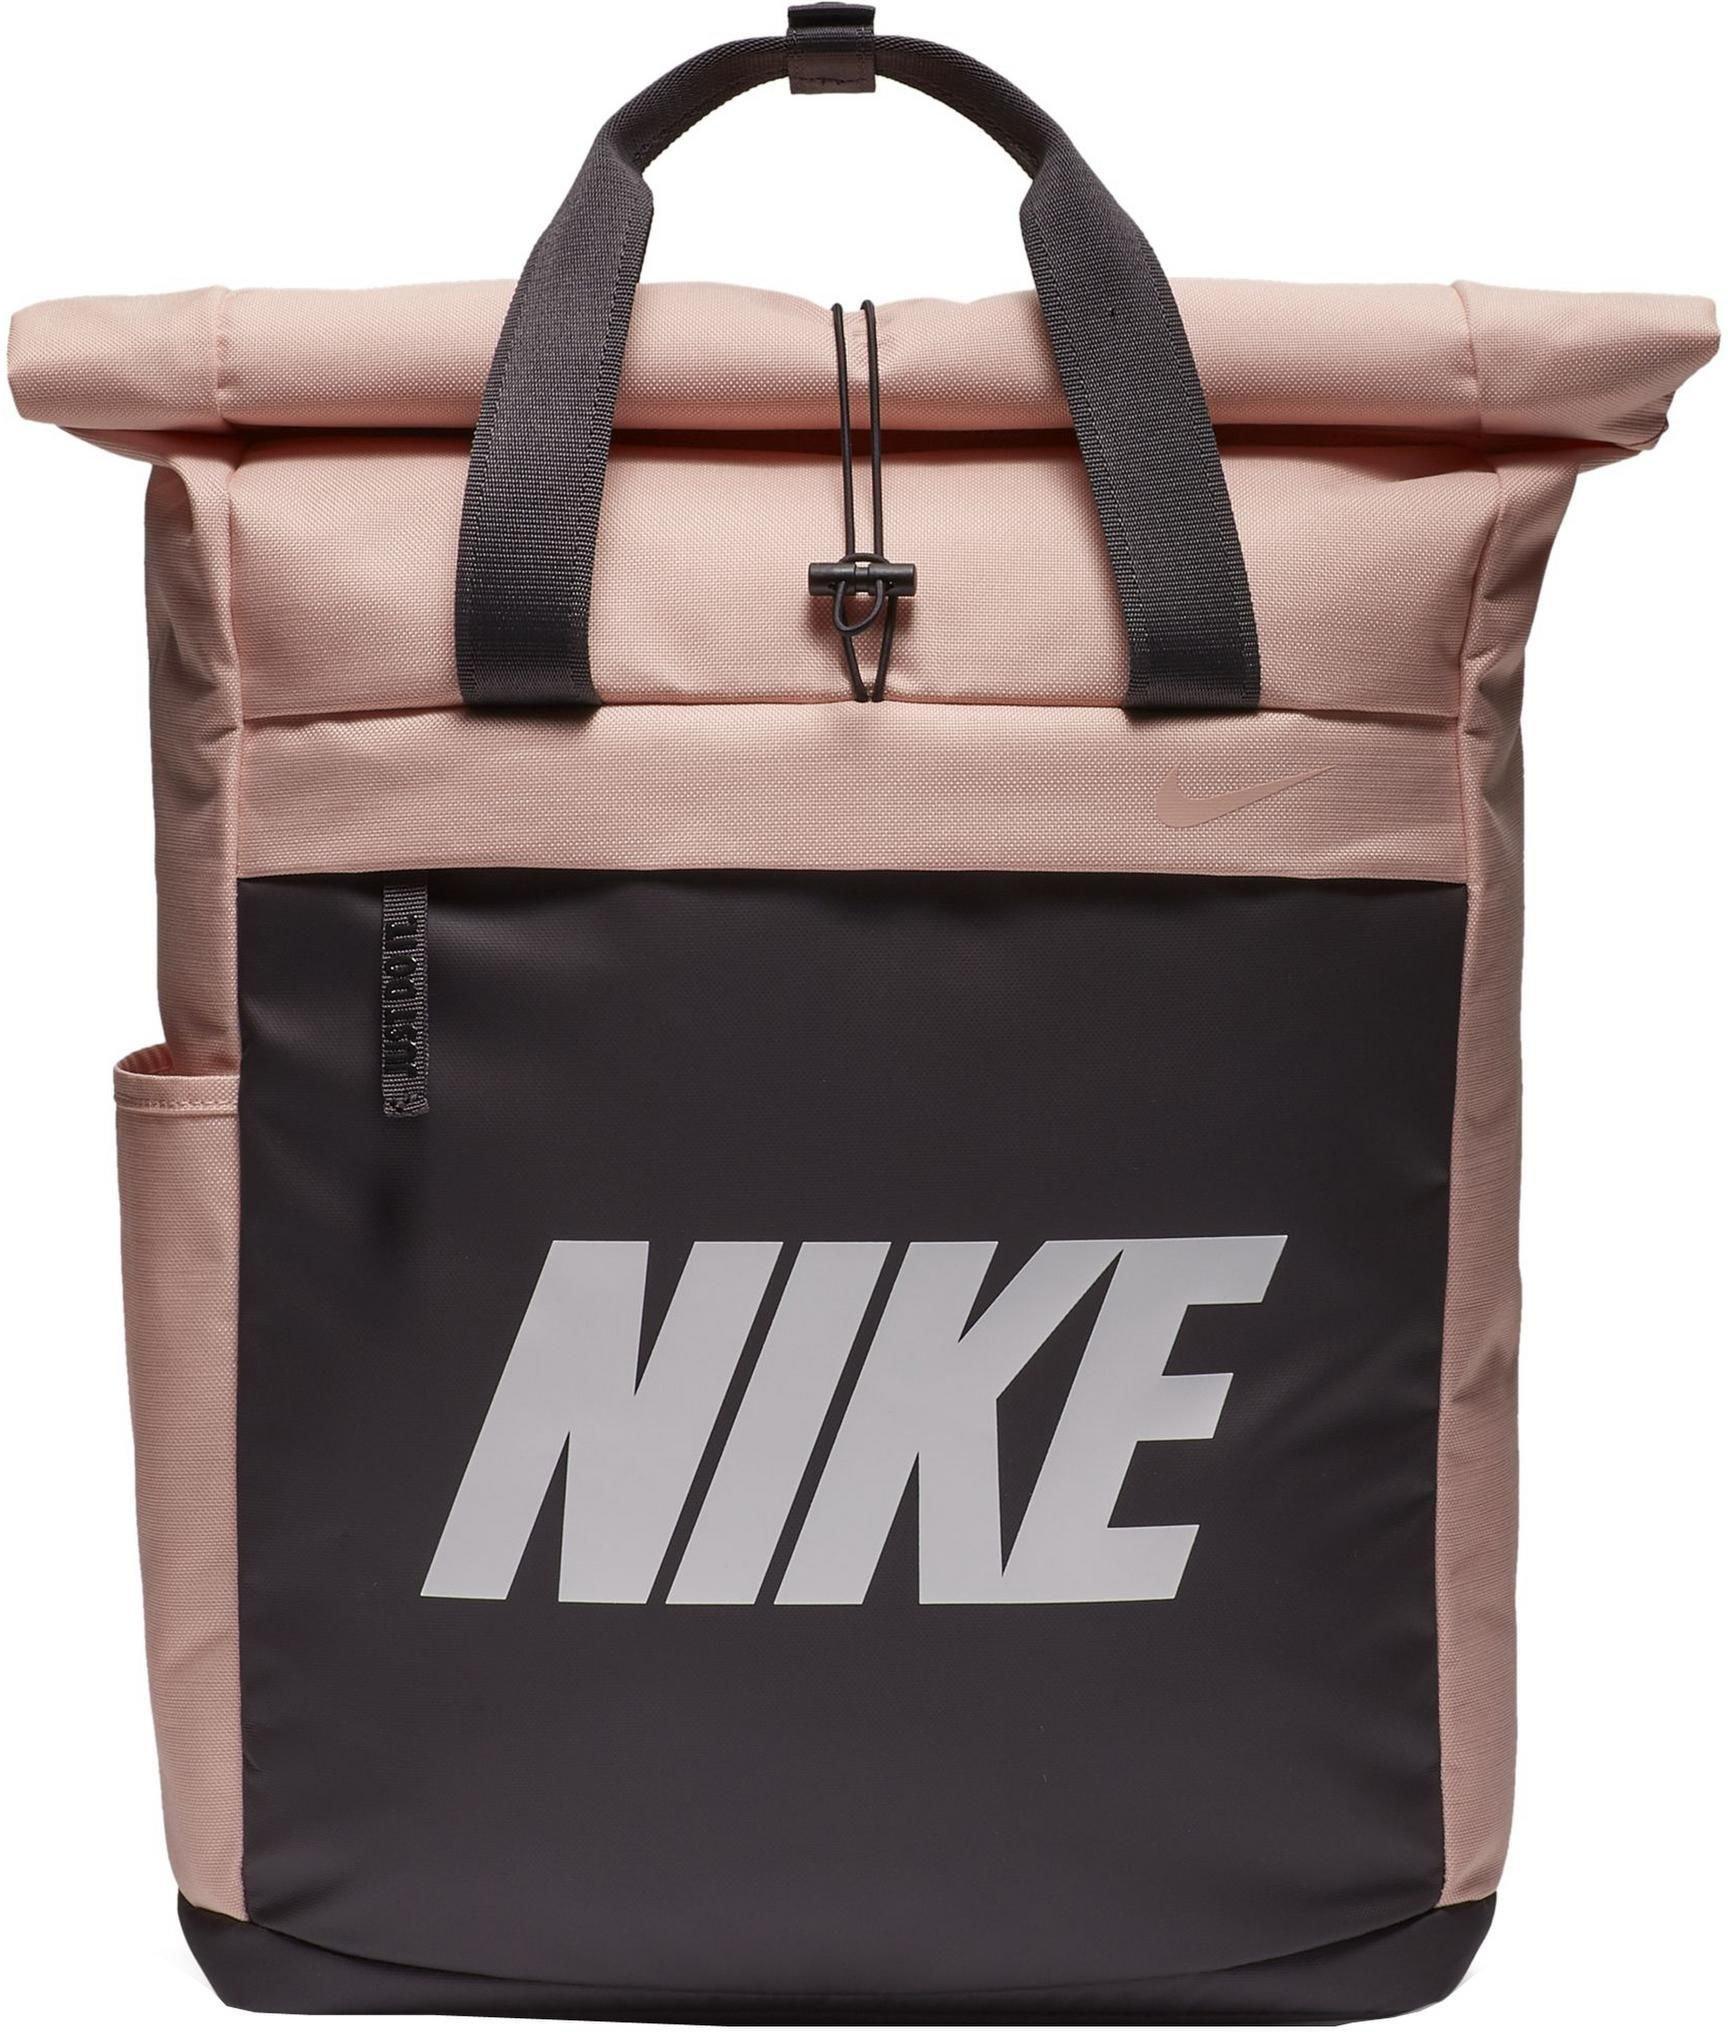 Nike ryggsekk veske dame vesker, sammenlign priser og kjøp